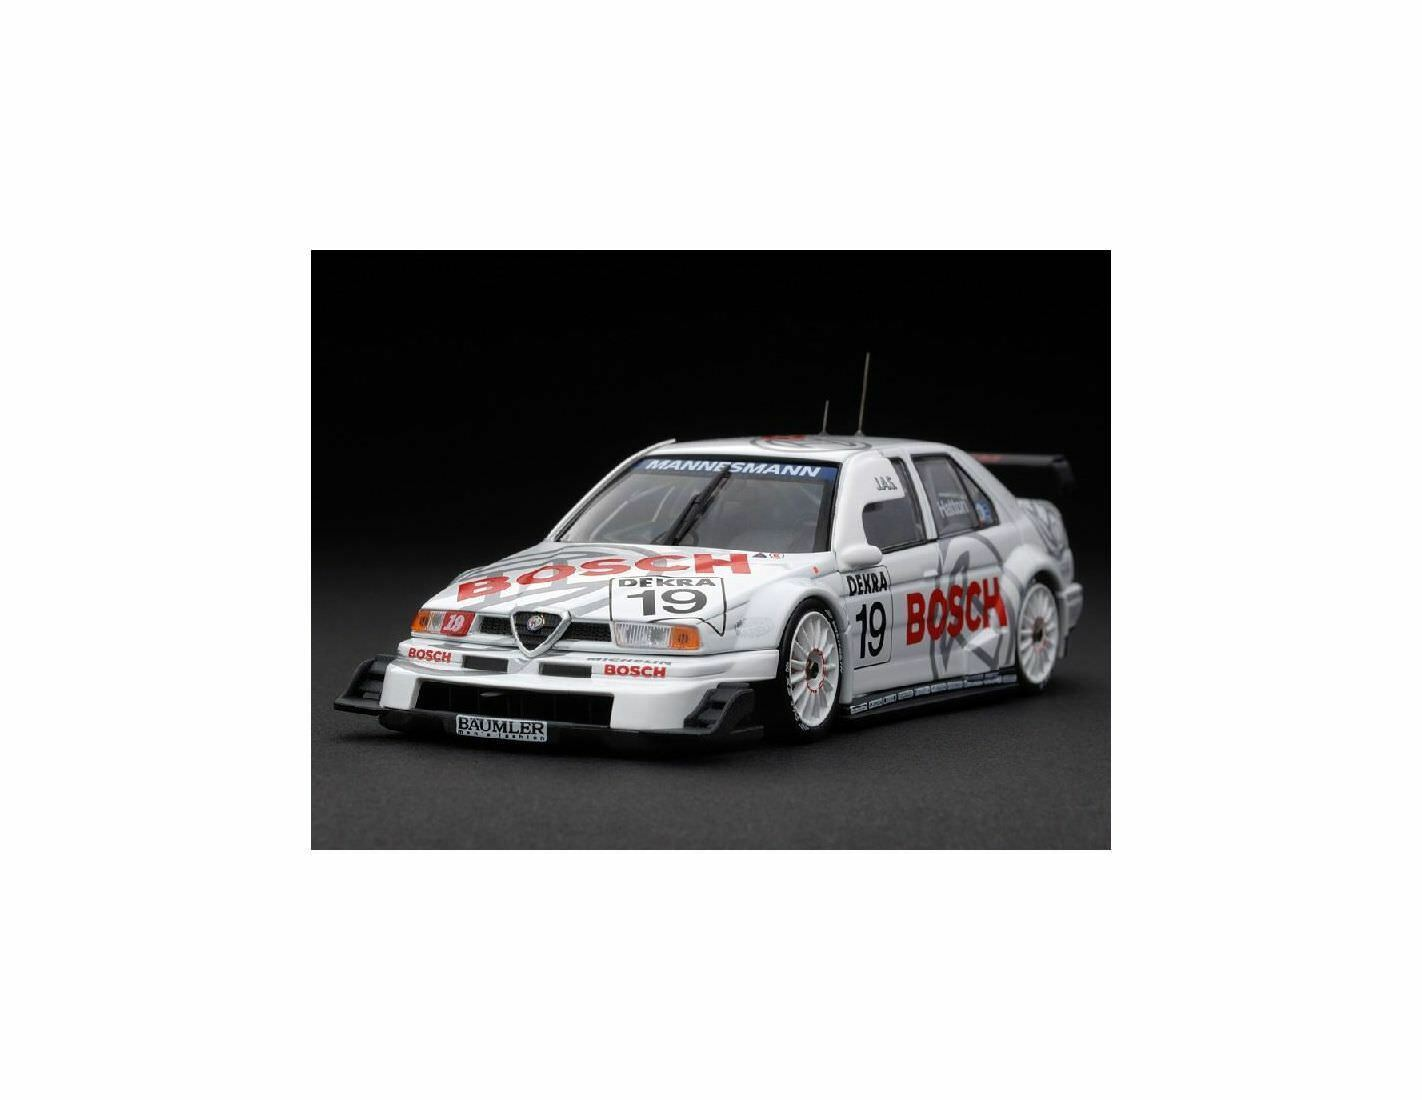 Hpi Racing HPI8098 A.ROMEO 155 N.19 ITC'96 1 43 Auto  Competizione Modellino  économisez 60% de réduction et expédition rapide dans le monde entier